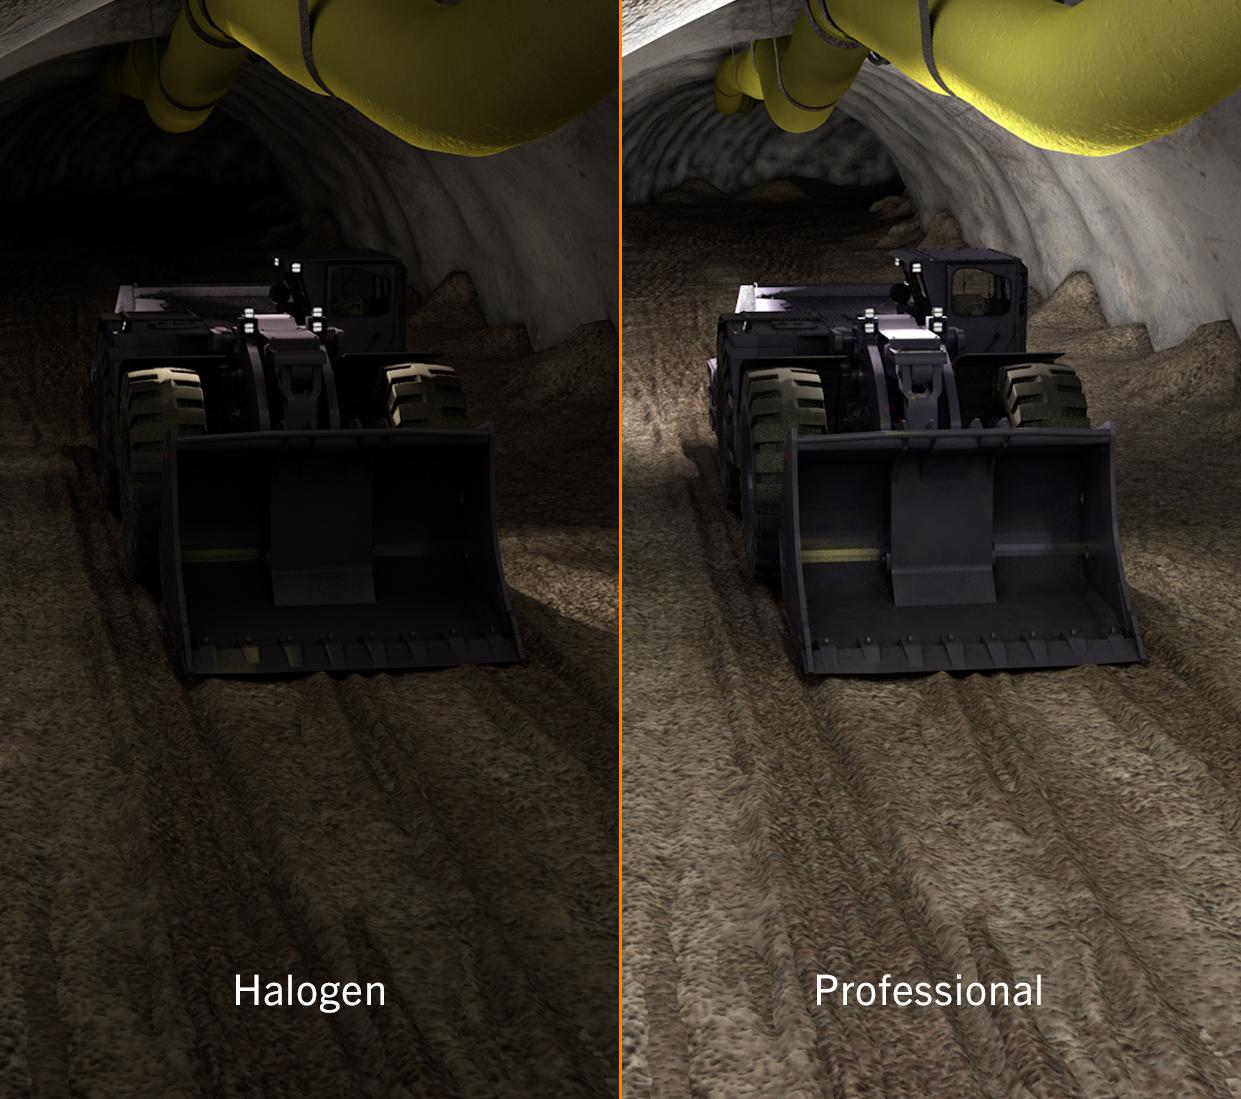 Simulierter Vergleich von Nordic Lights LED Scheinwerfern und Halogen Scheinwerfern